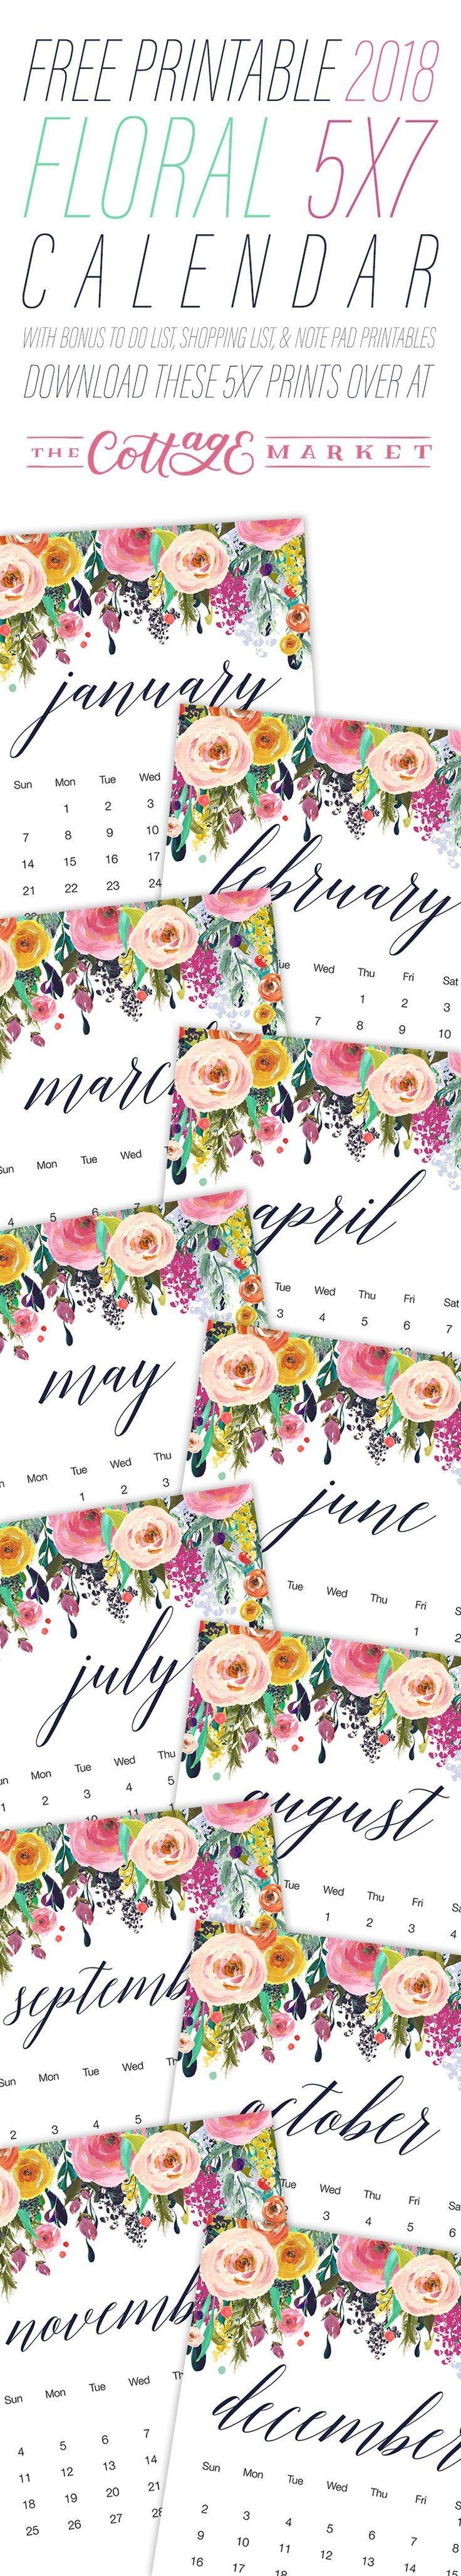 Calendario De Mayo 2017 Para Imprimir Más Actual 30 Best Calendario Images On Pinterest